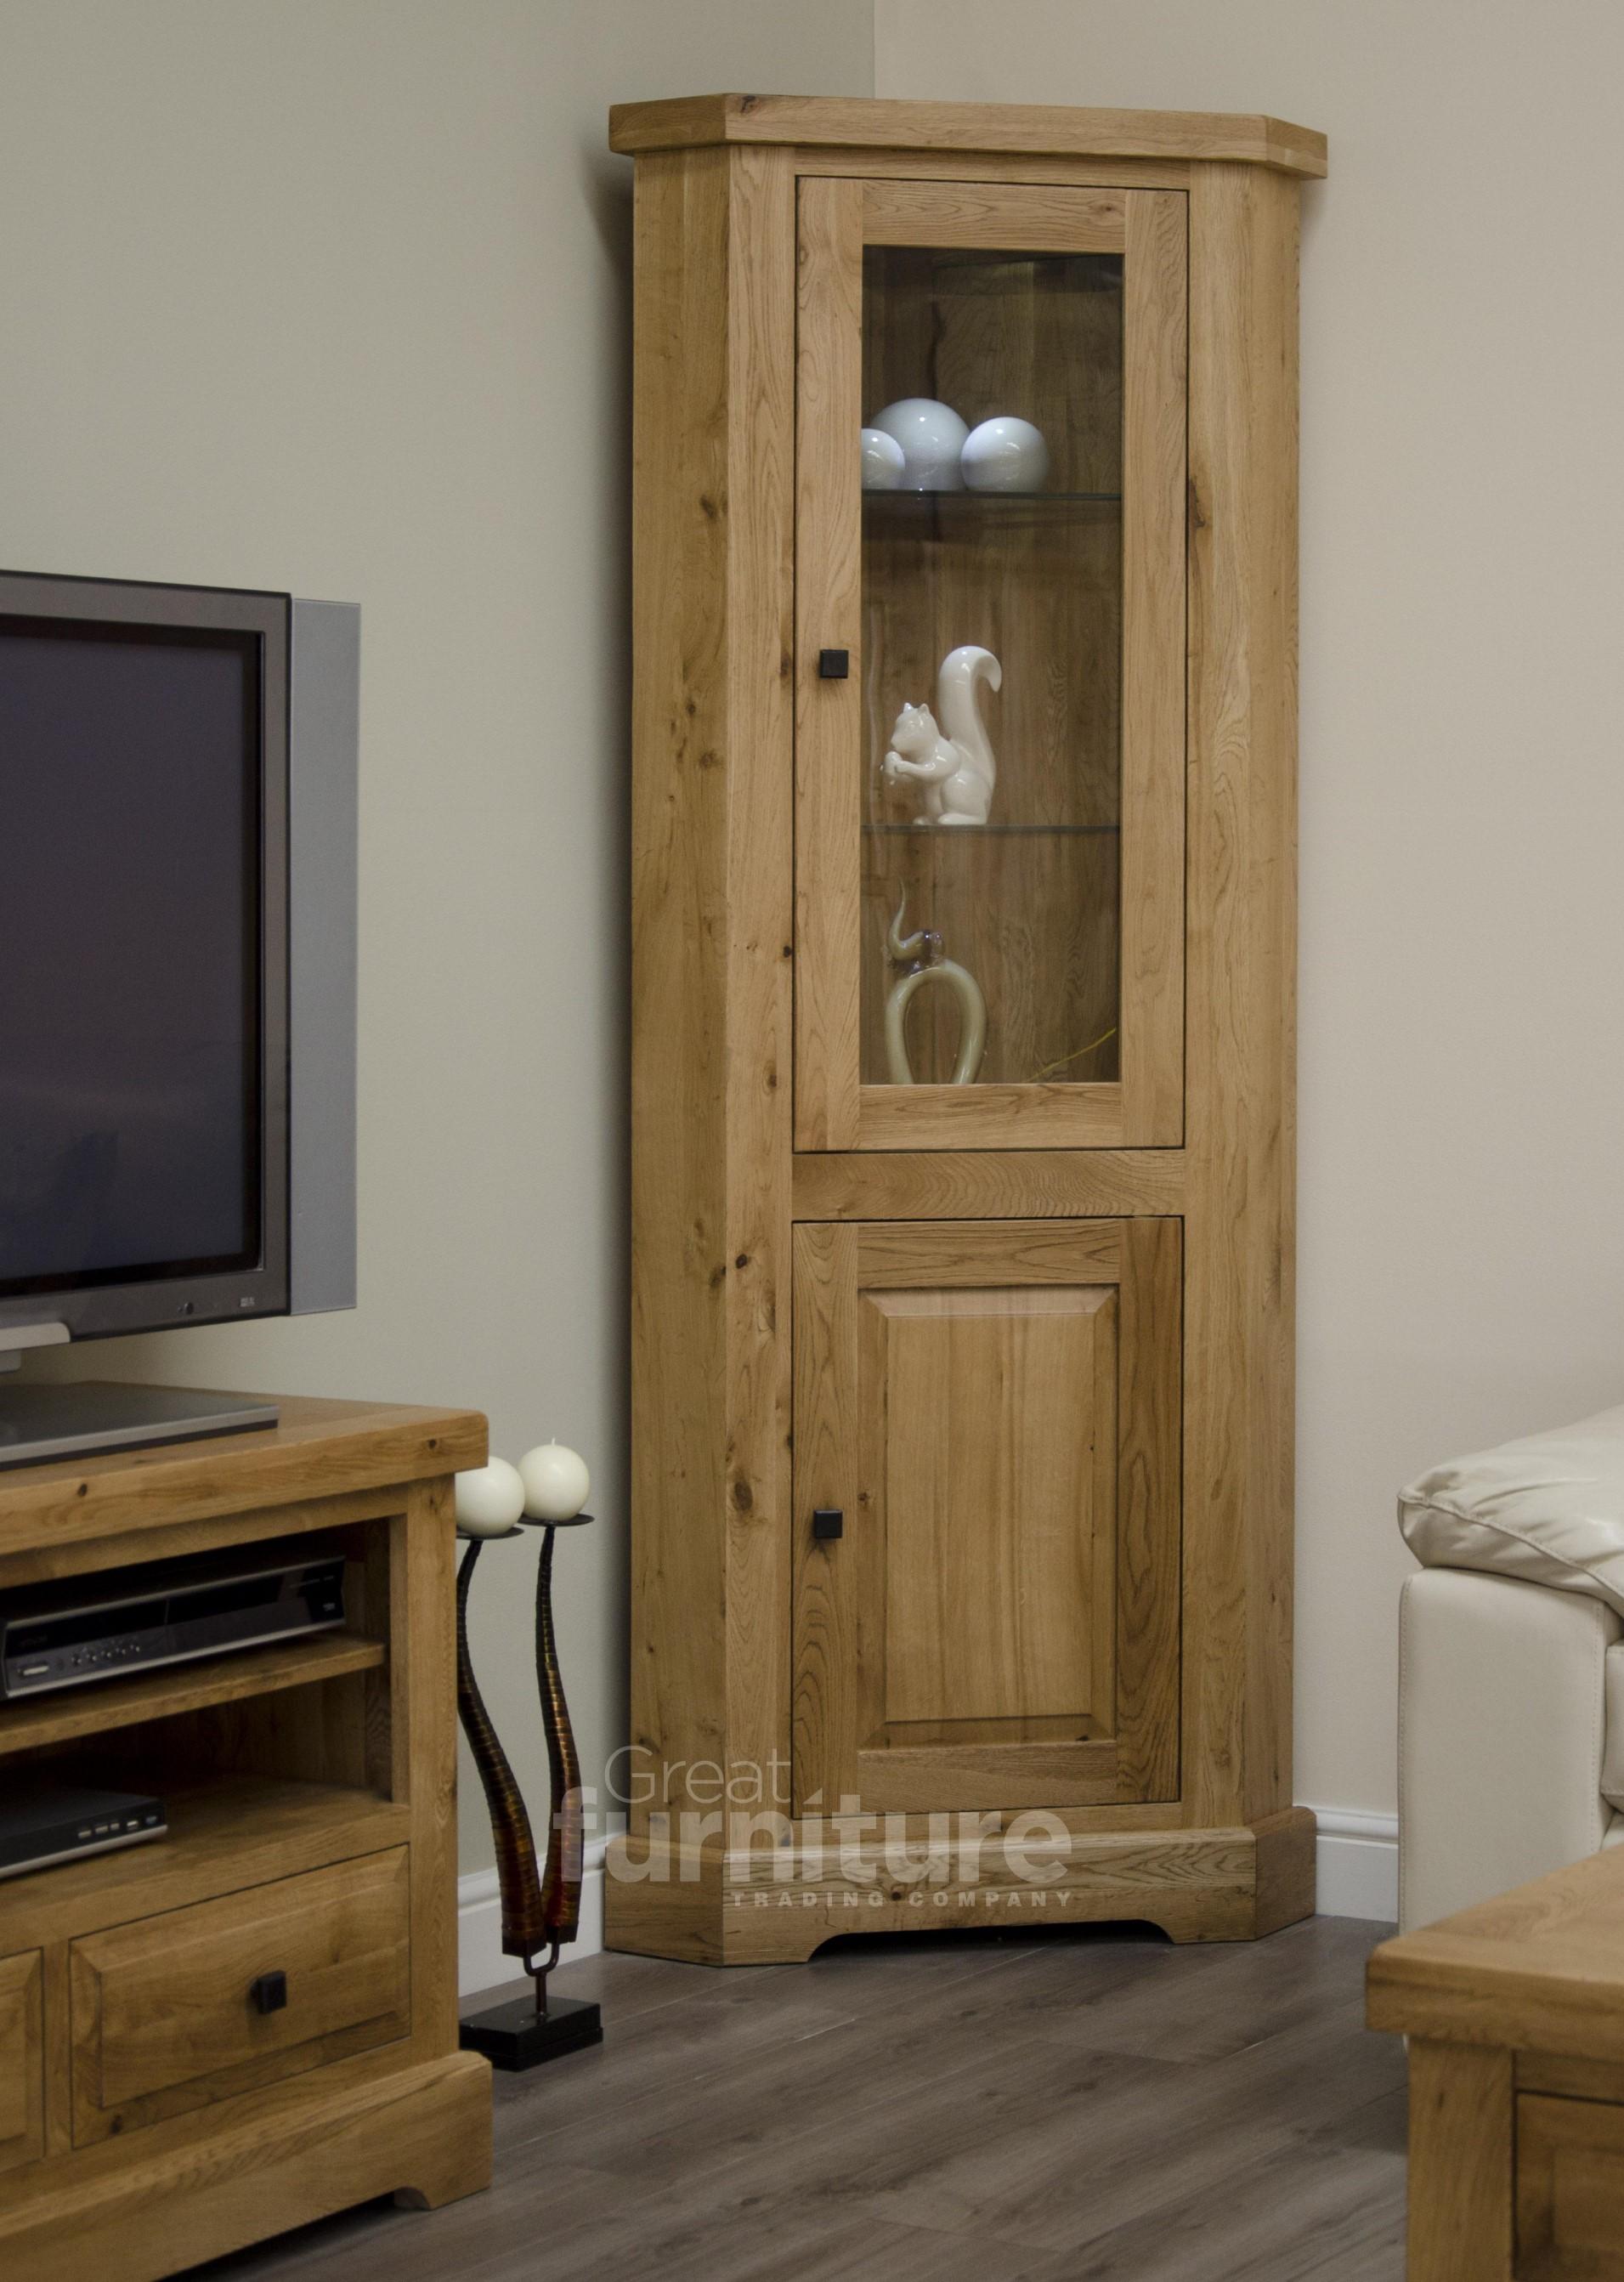 Deluxe Corner Display Cabinet